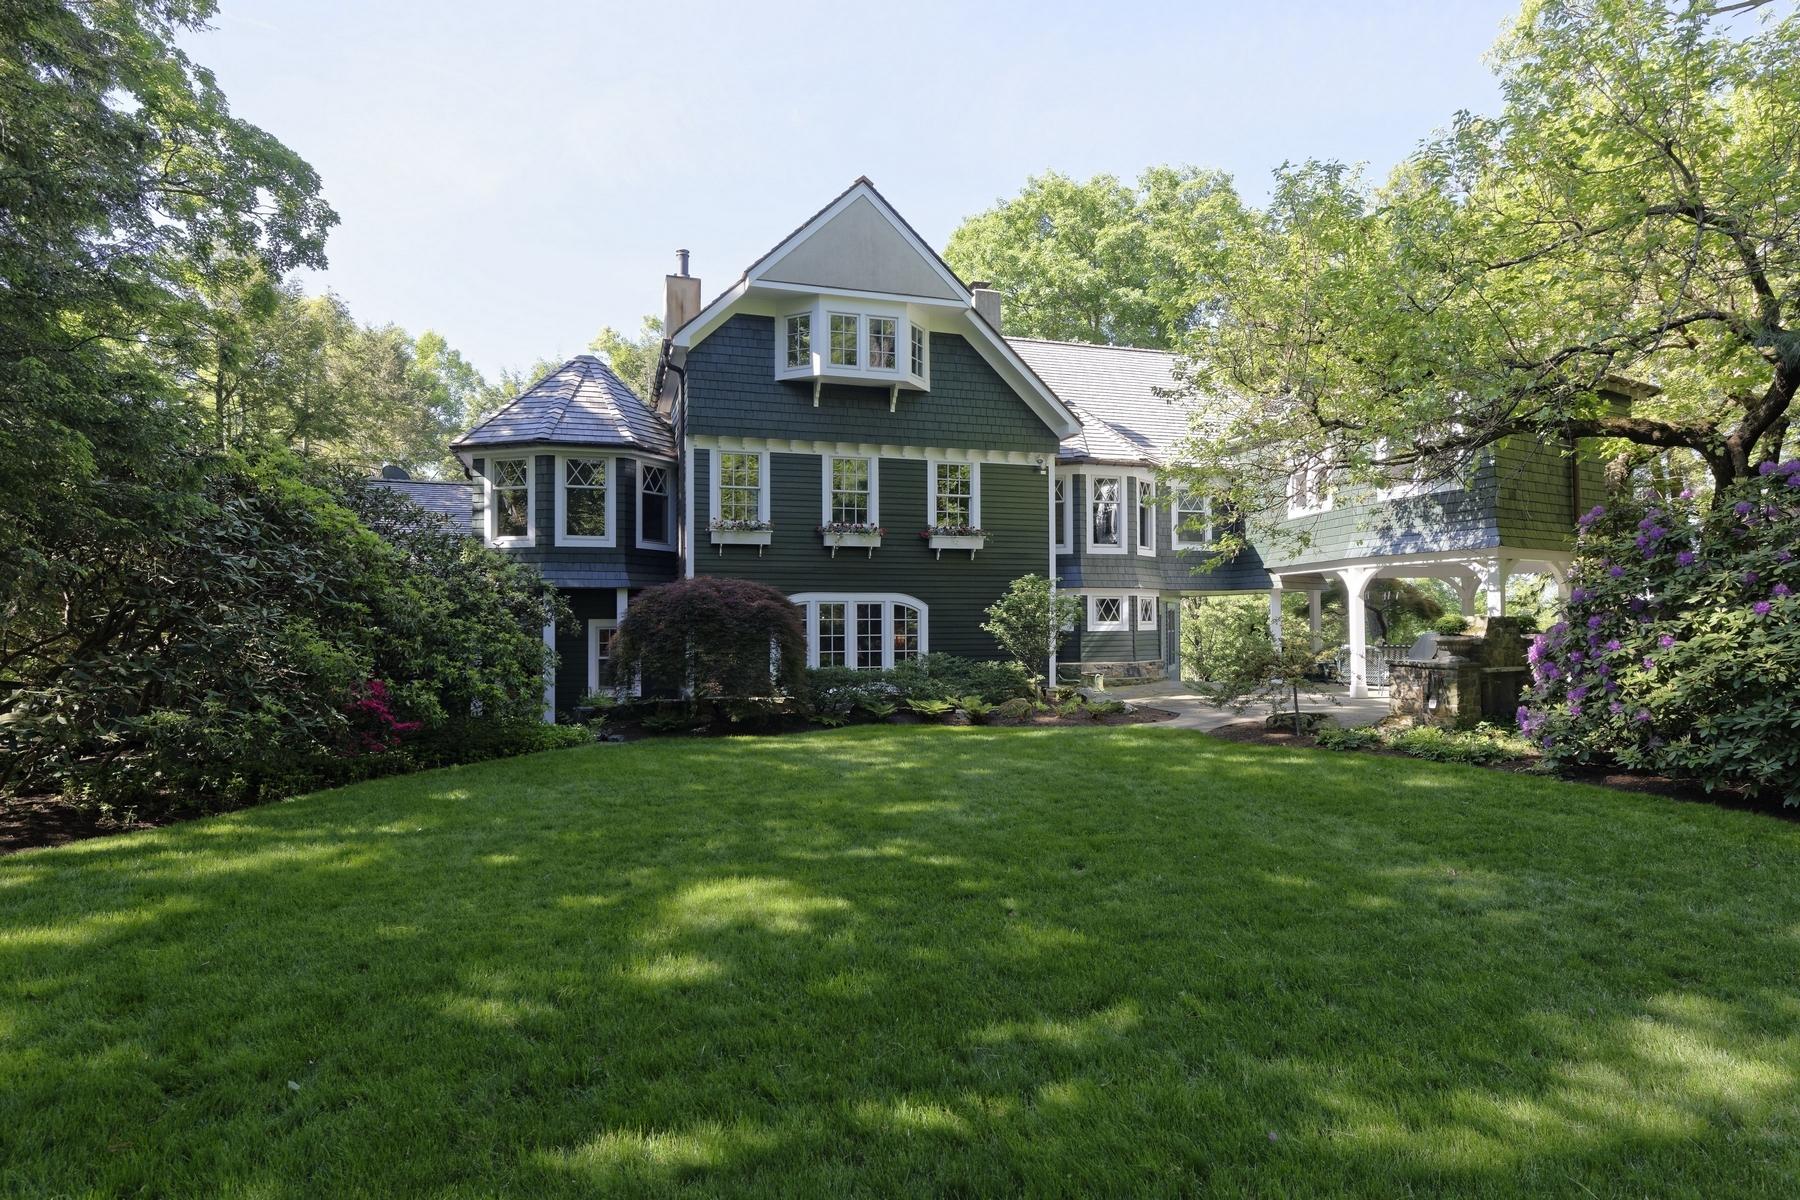 Casa para uma família para Venda às Spectacular Hudson River views 148 Tower Hill Road Briarcliff Manor, Nova York 10510 Estados Unidos